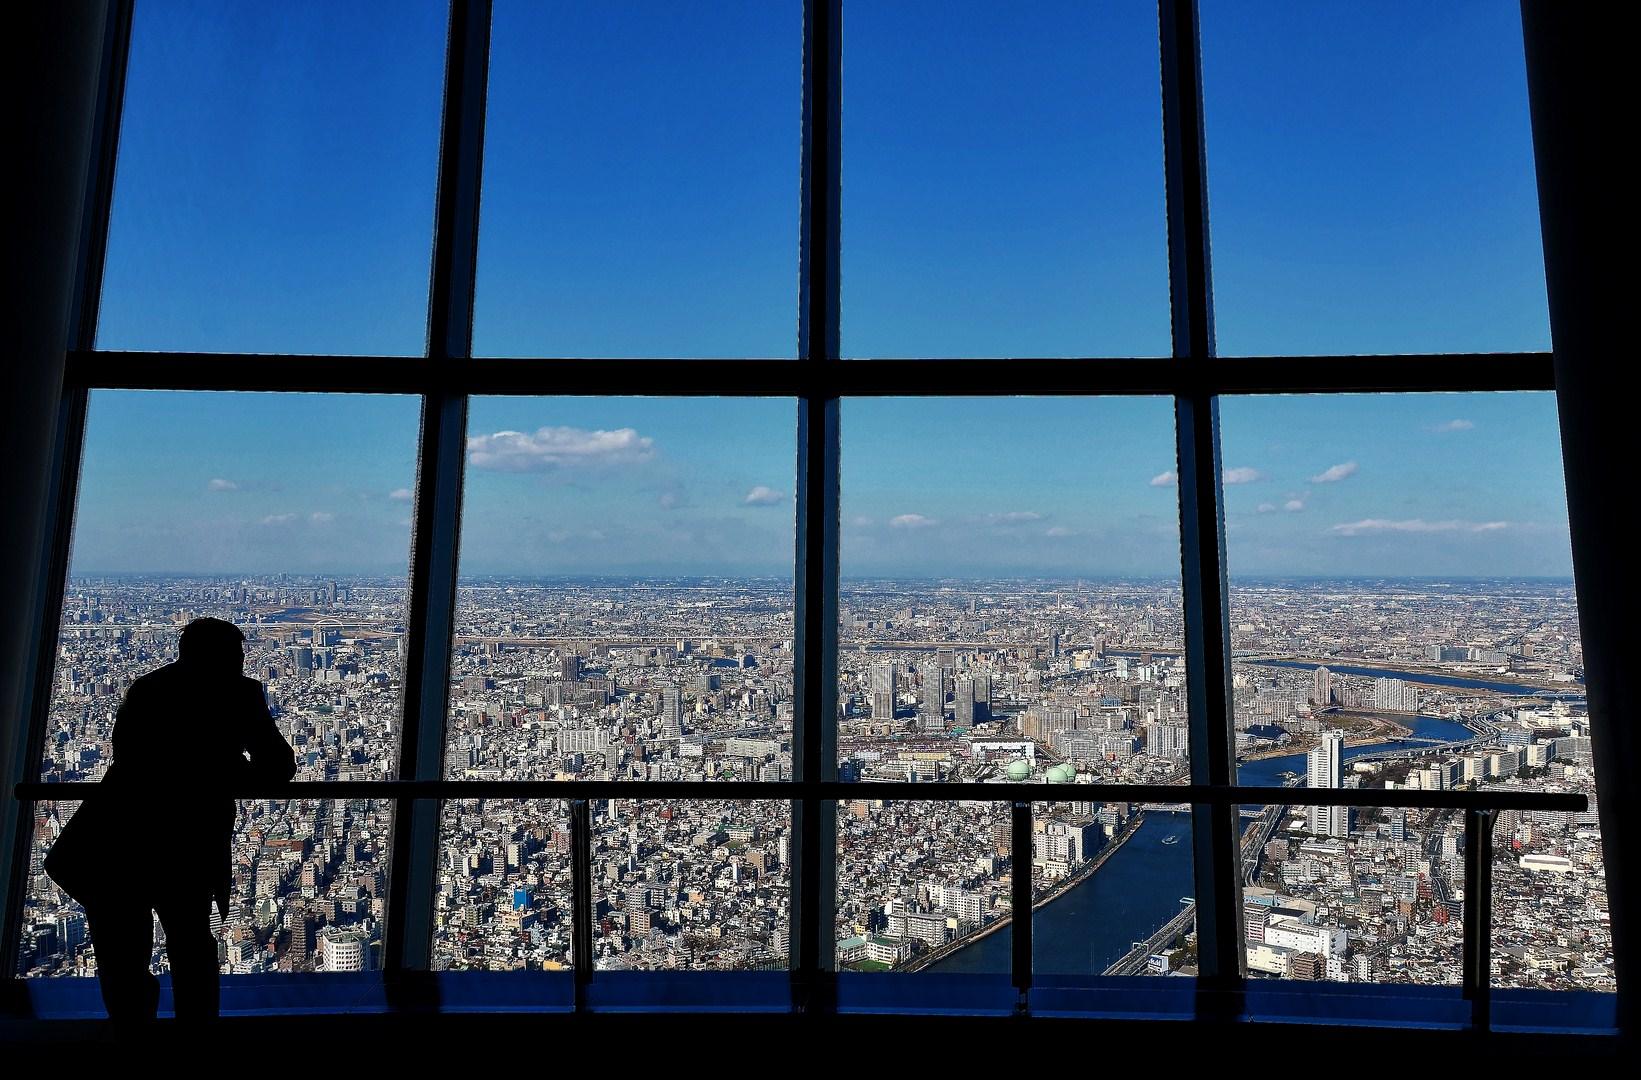 качественные картинки вид с окна небоскреба нужно закупить